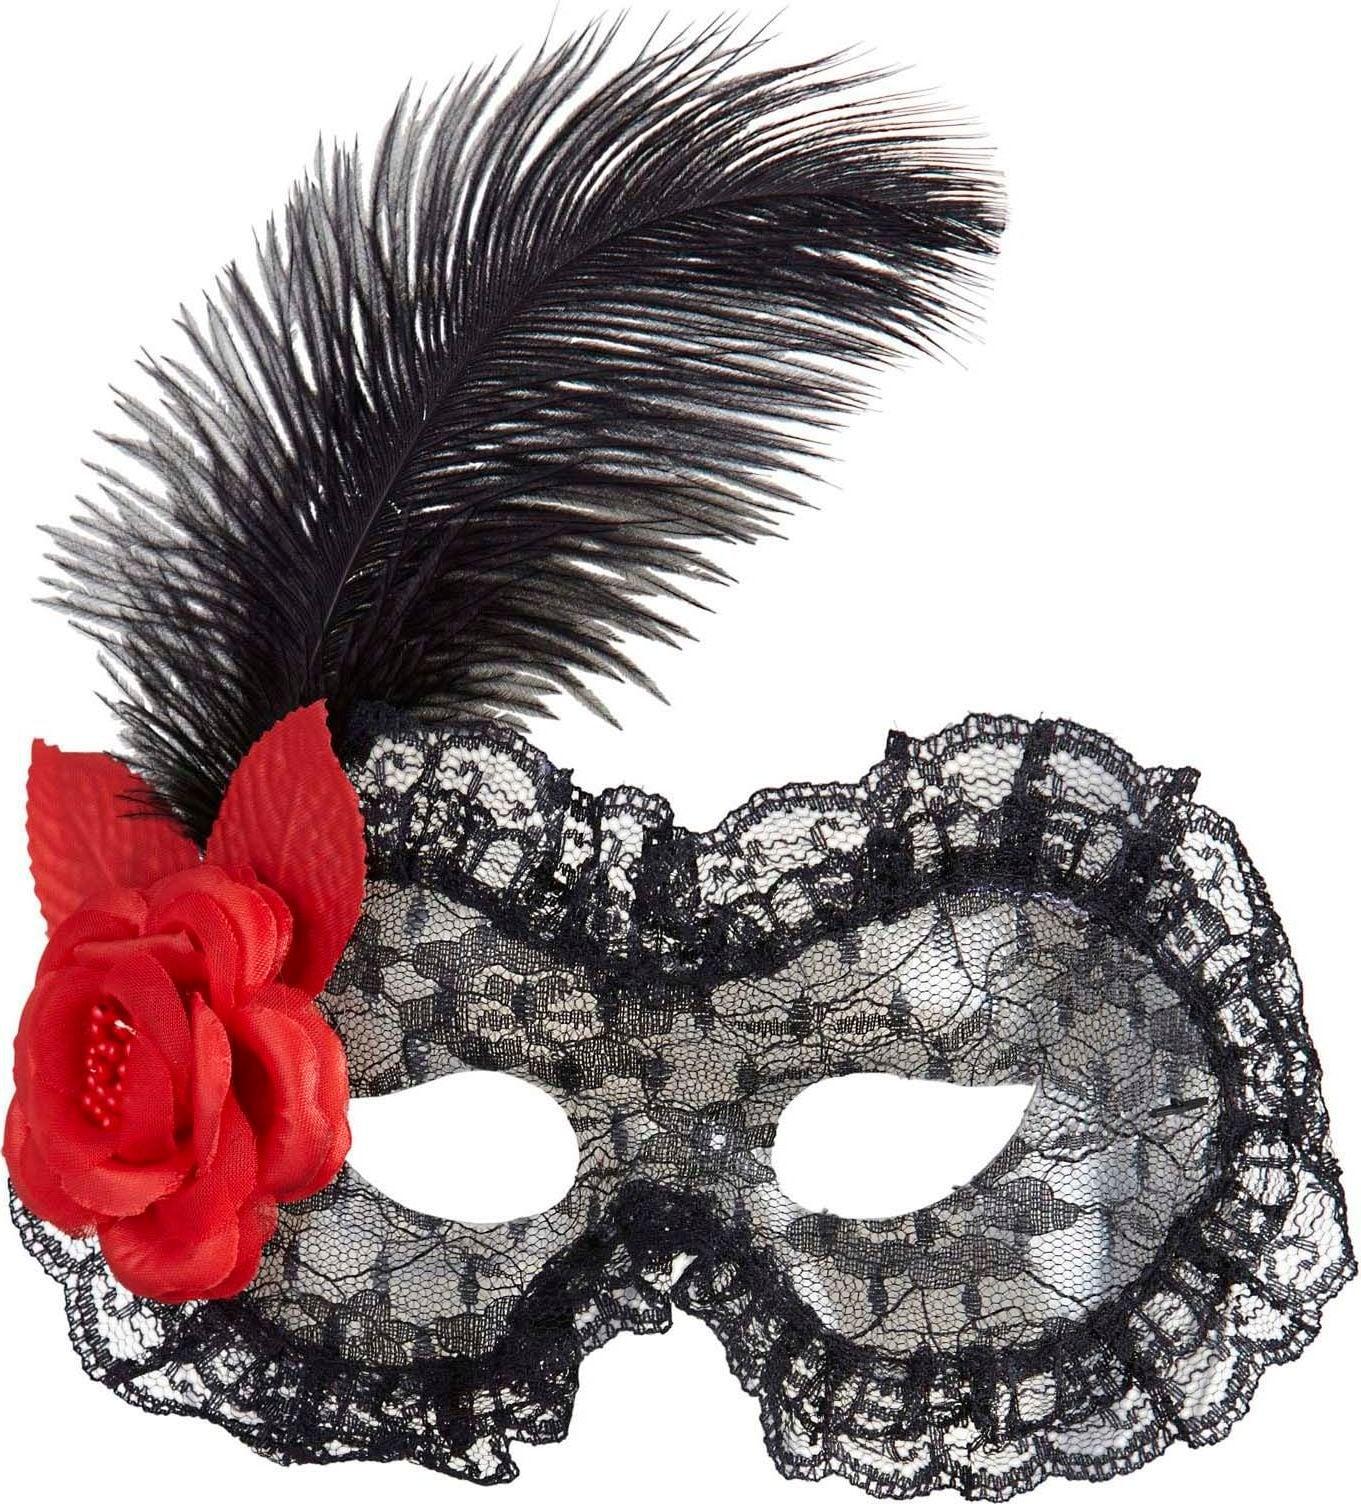 Zwart kanten oogmasker met veer en roos